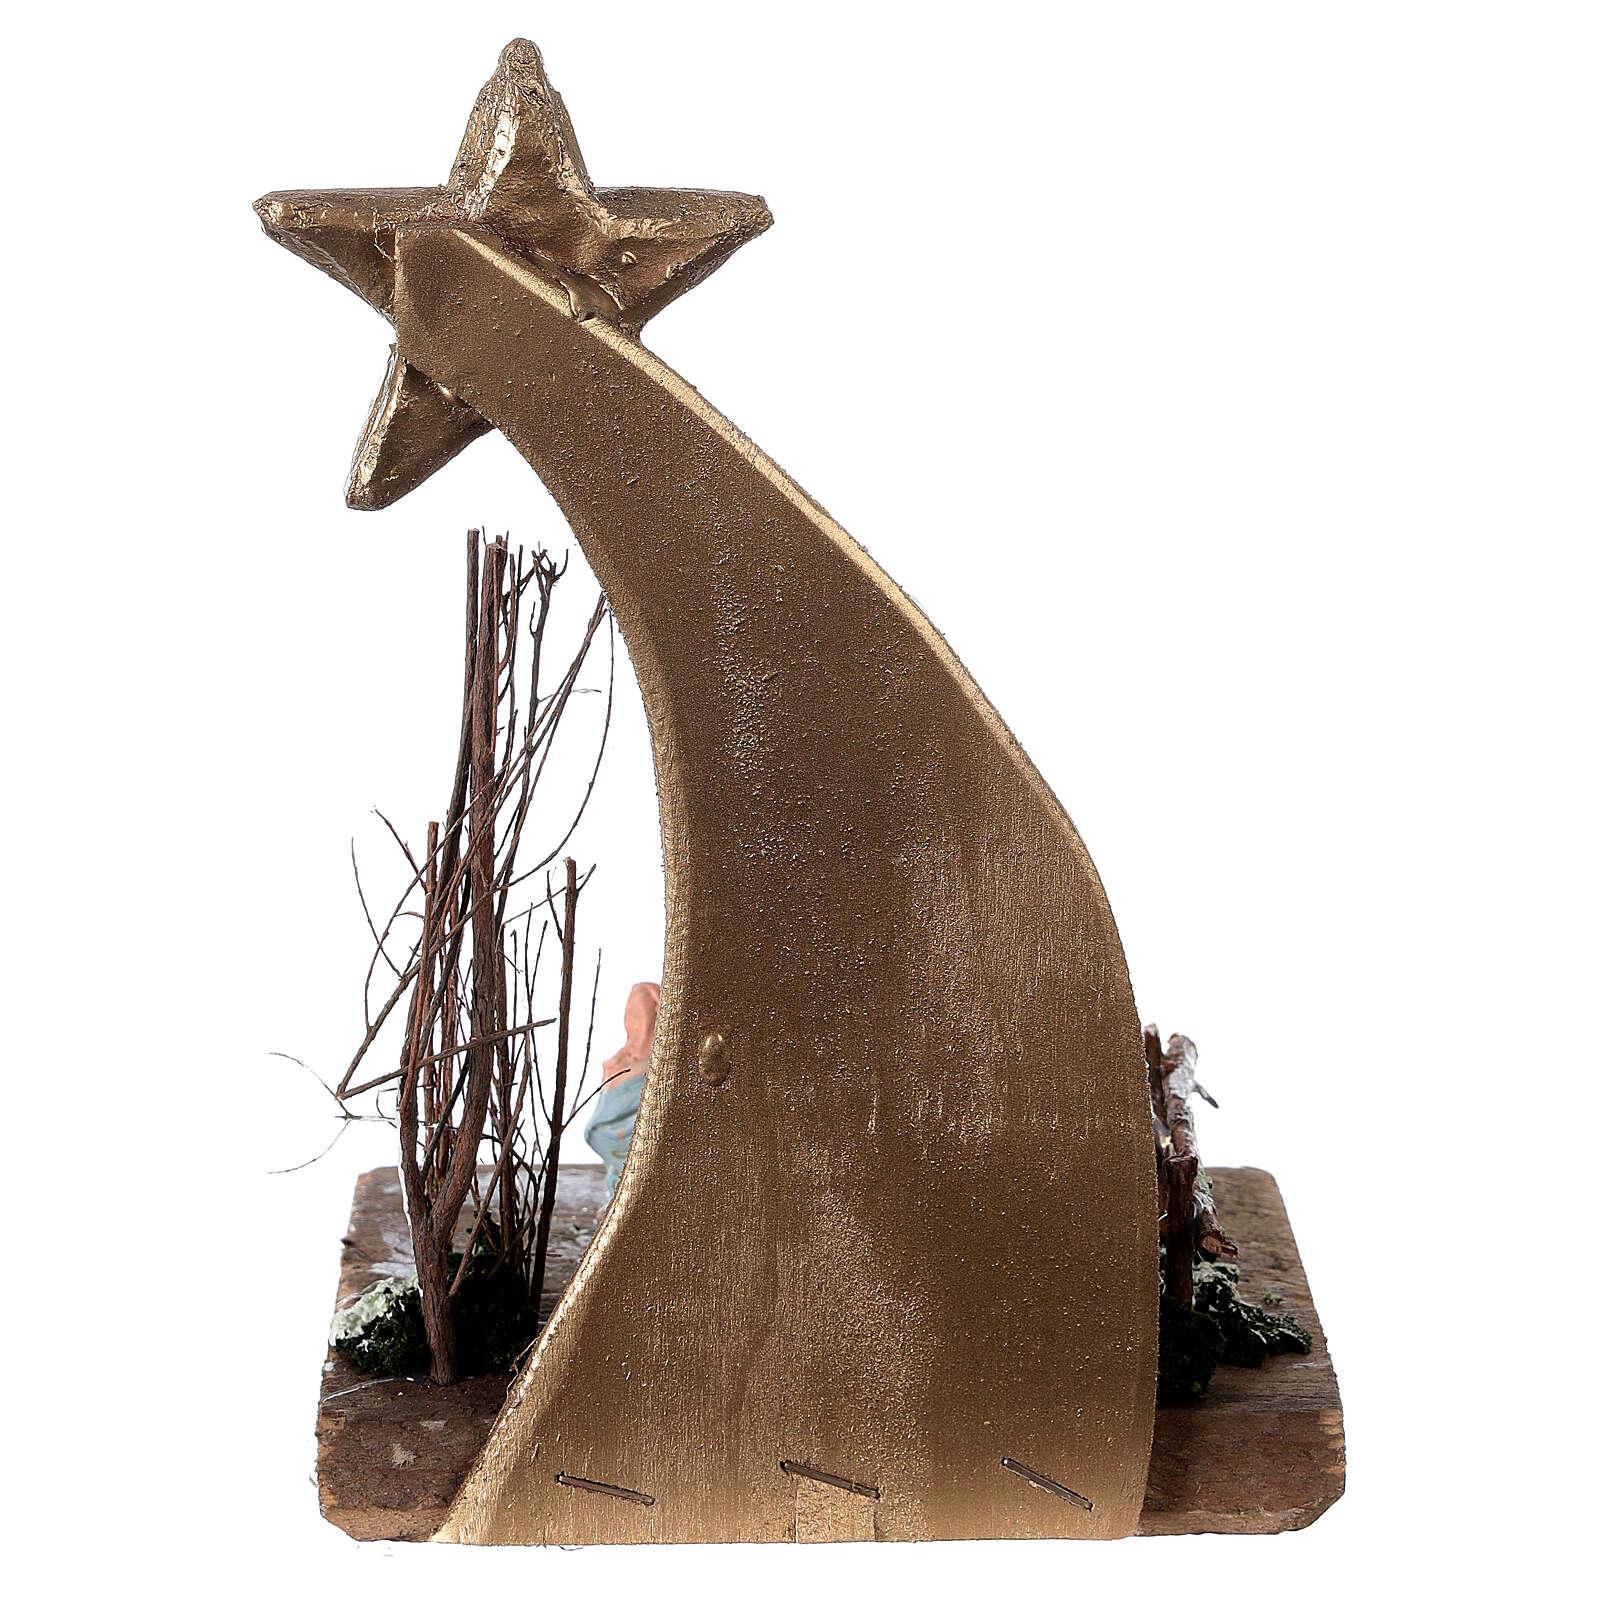 Crèche comète santons terre cuite peinte 3 cm Deruta 20x10x10 cm 4